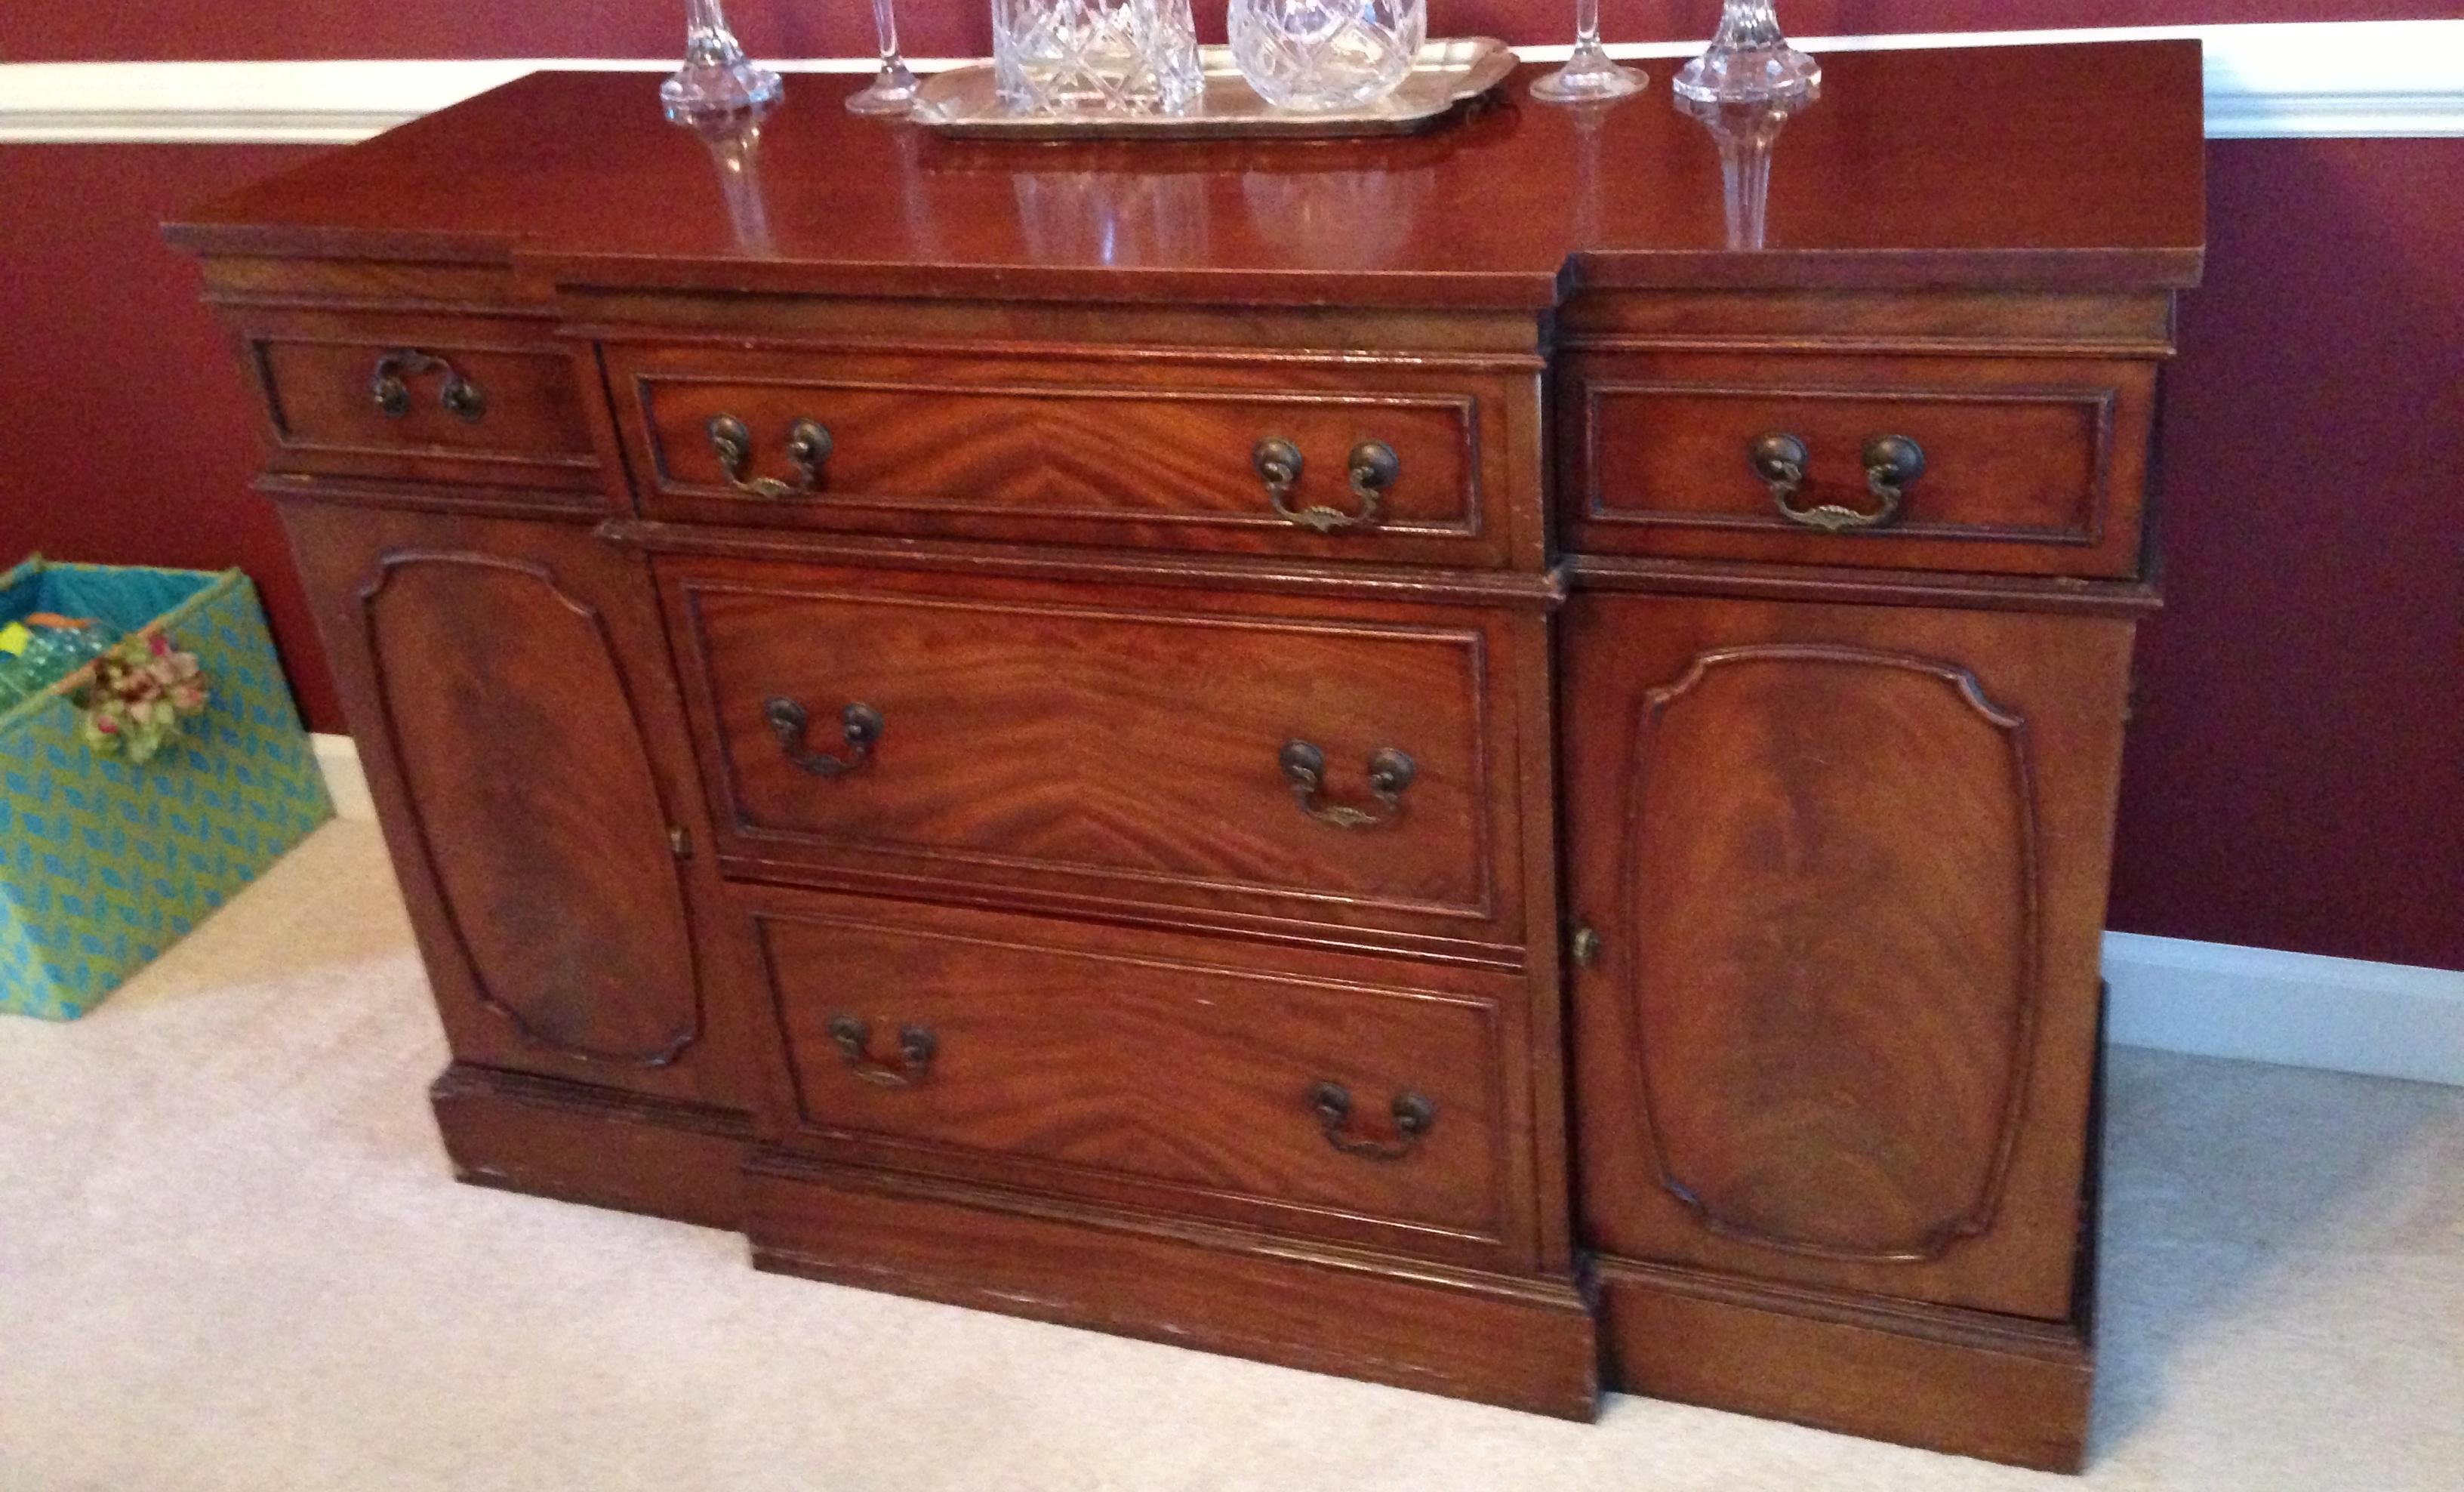 vintage drexel heritage dining room set | Drexel Heritage Dining Room set antique appraisal ...